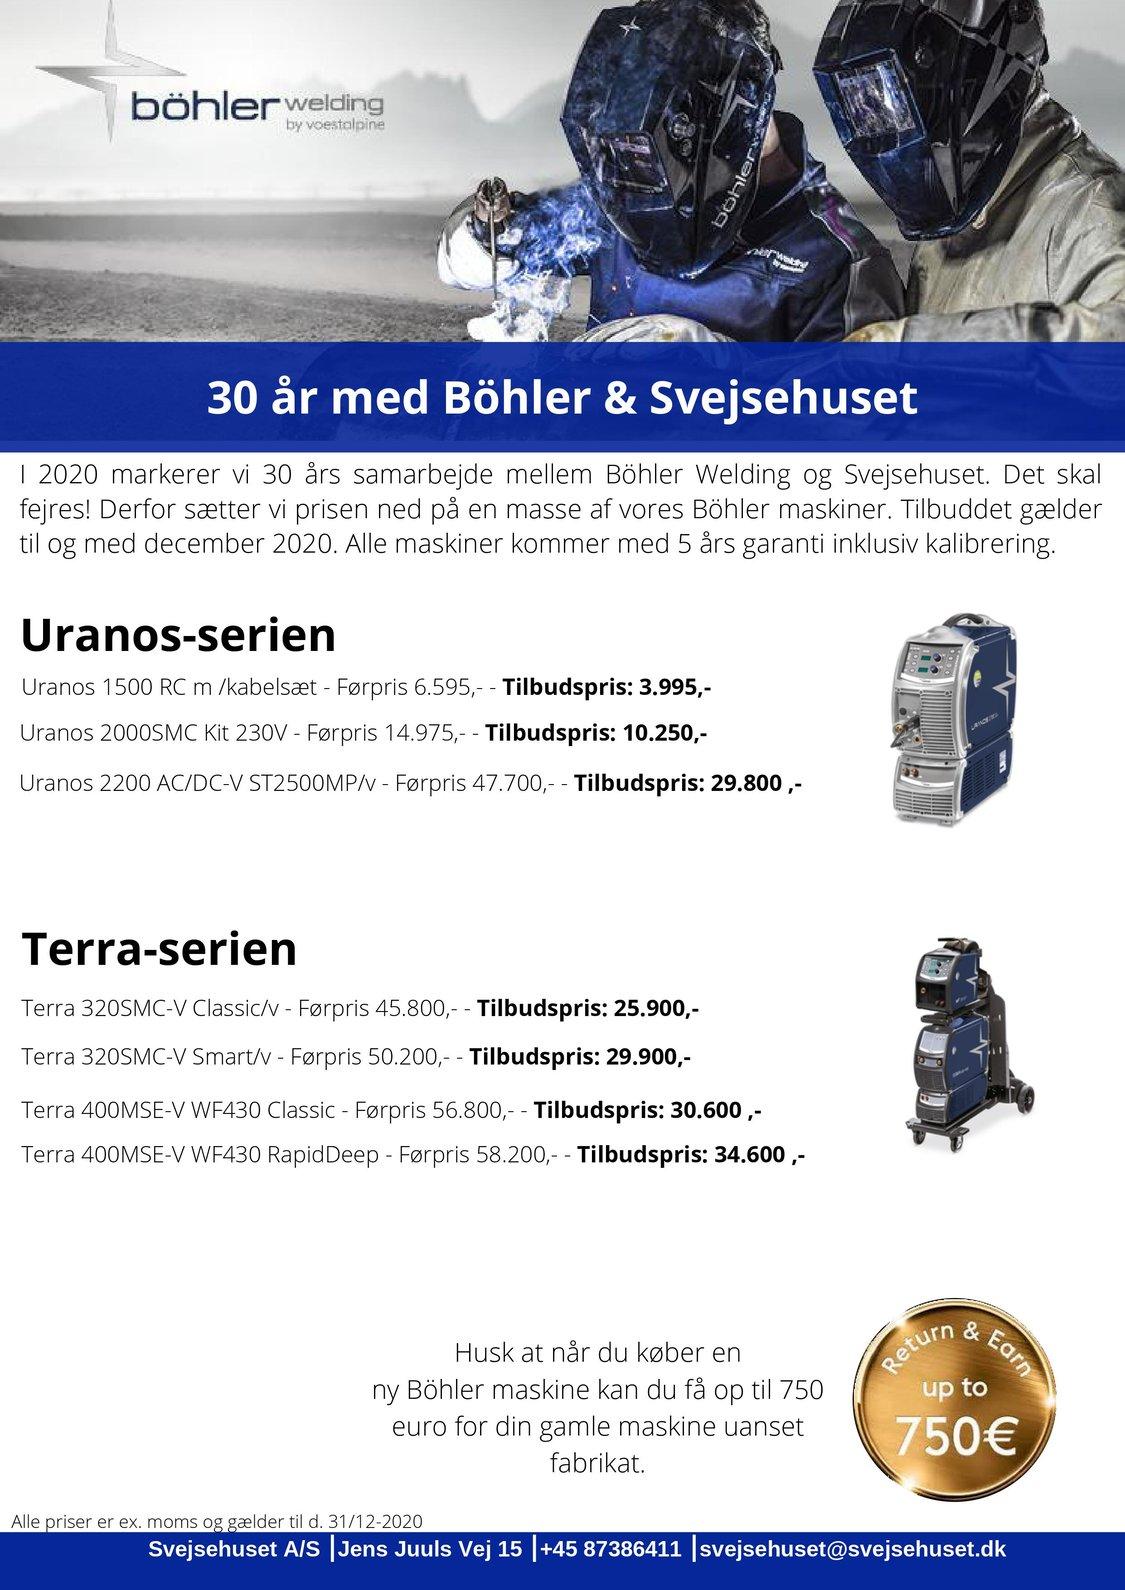 30 år med Böhler & Svejsehuset